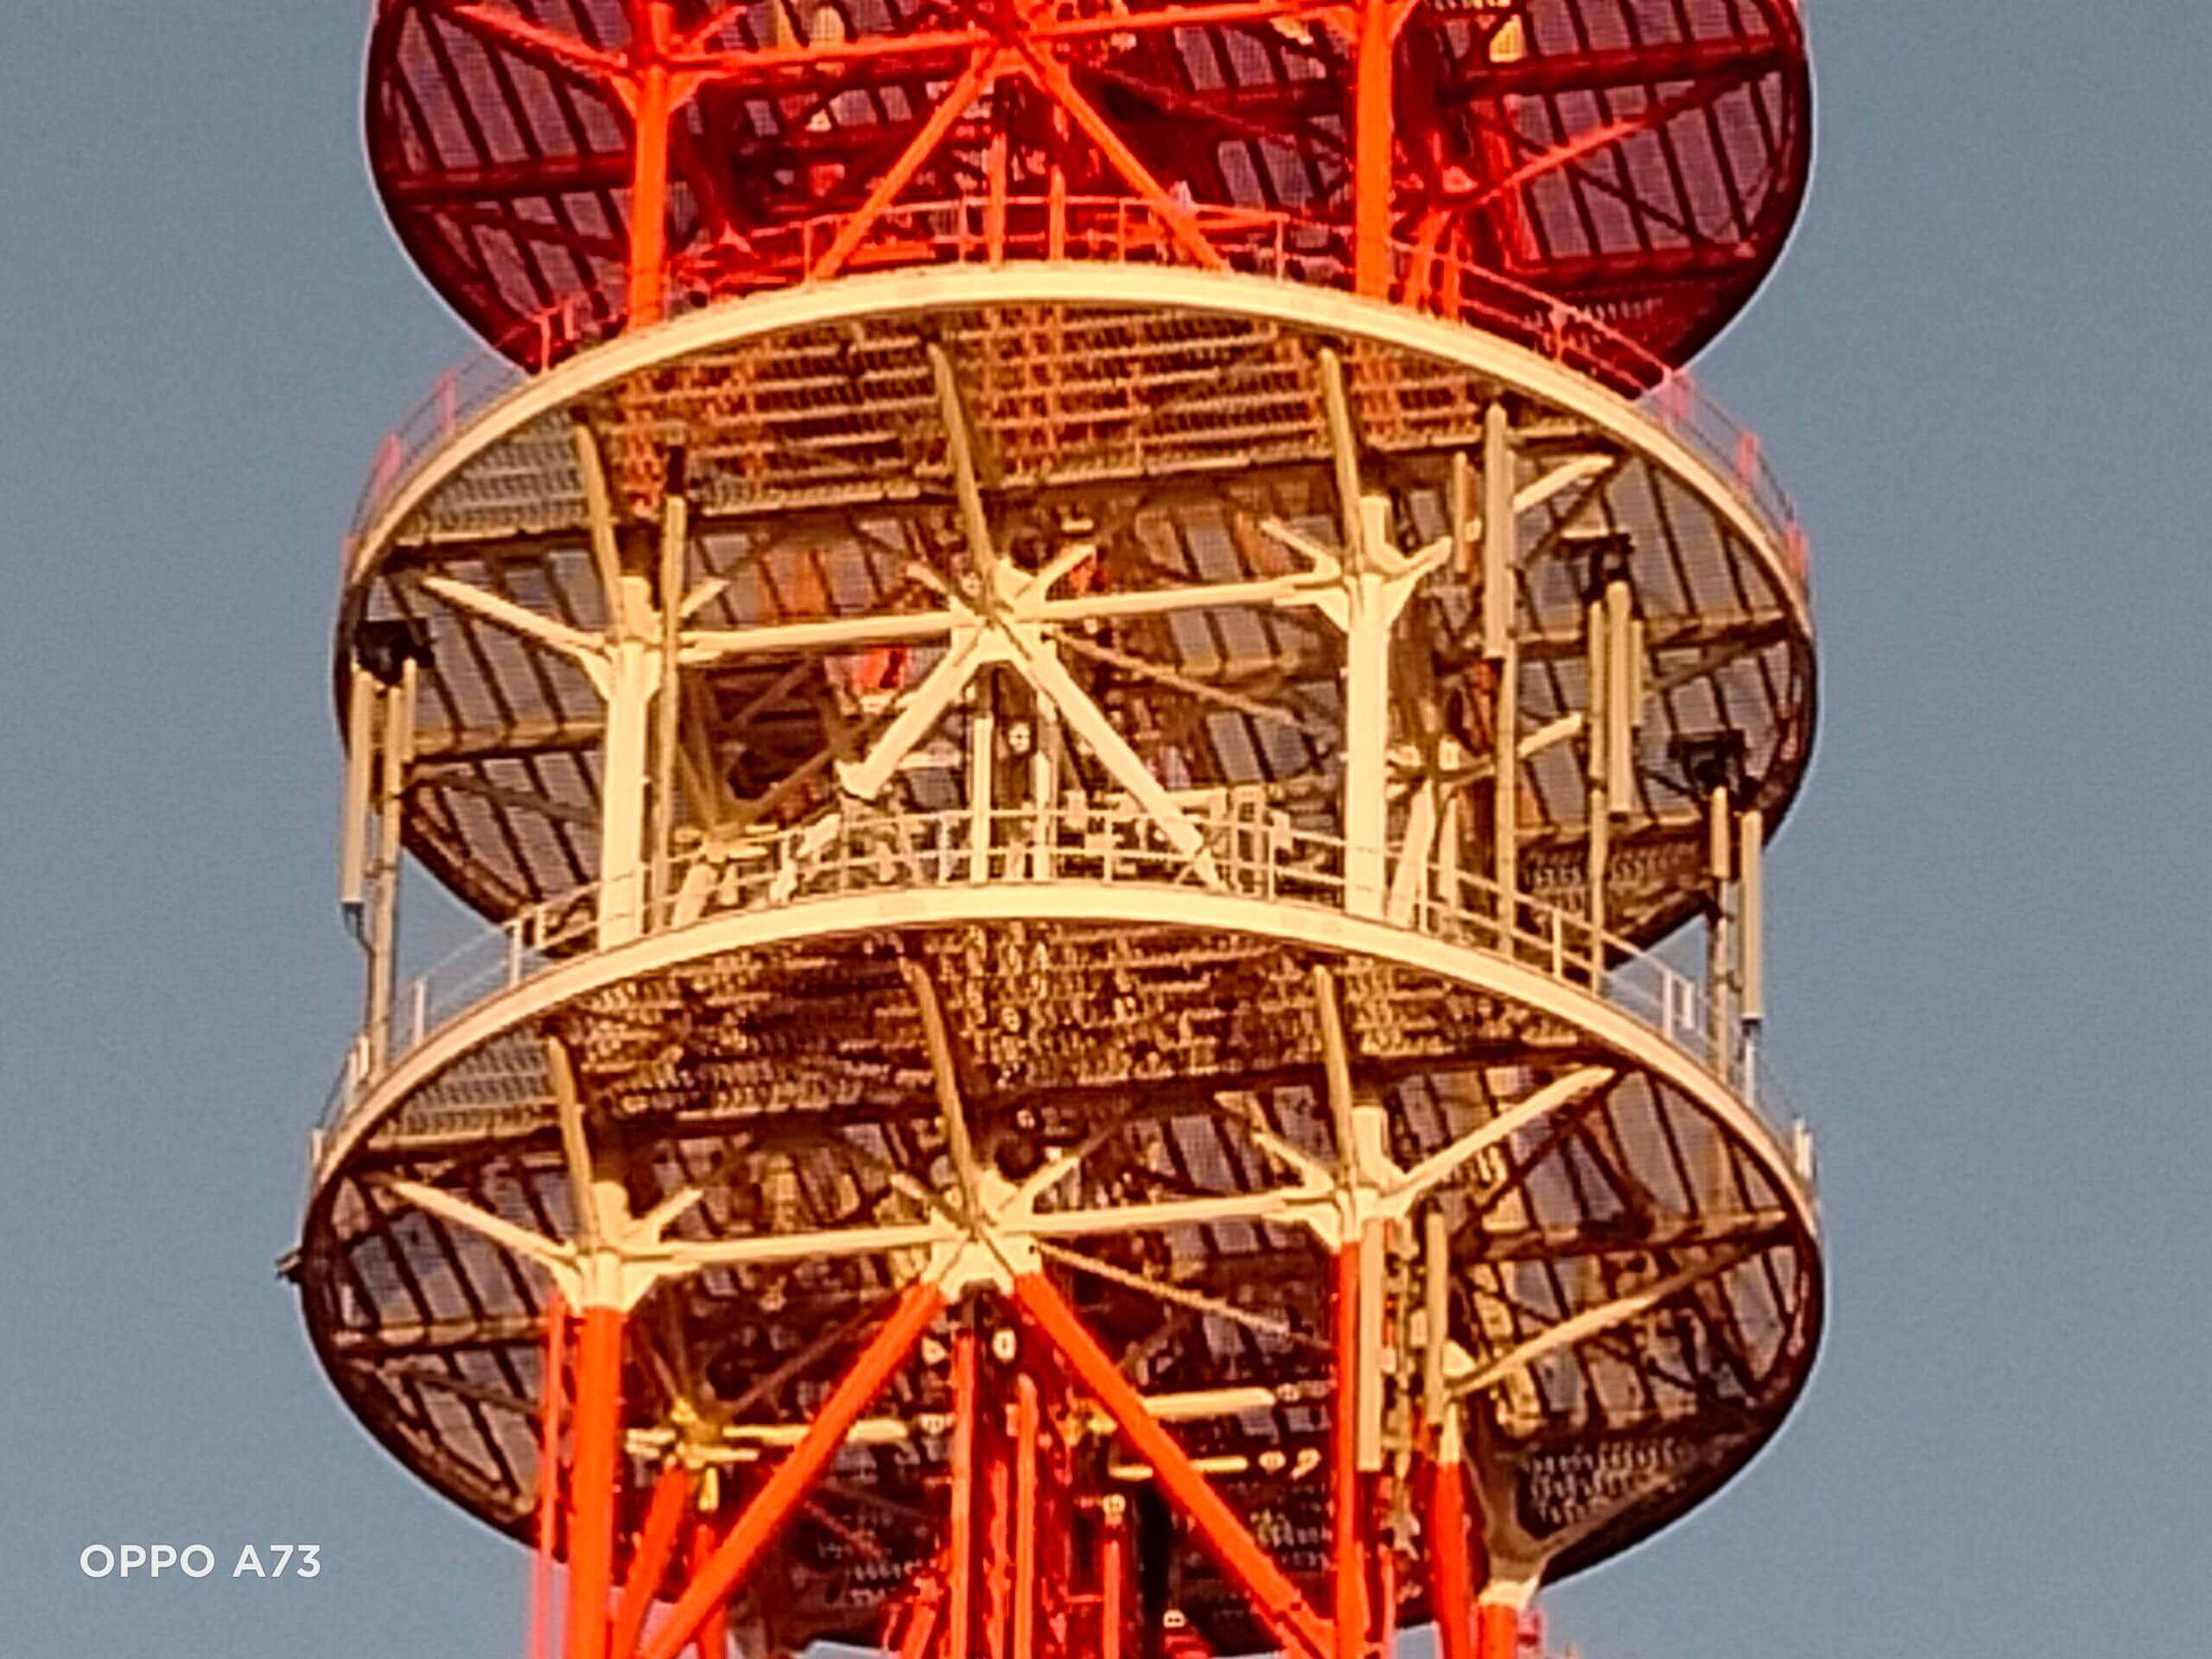 OPPO A73のデジタルズーム8倍で撮影した電波塔の画像